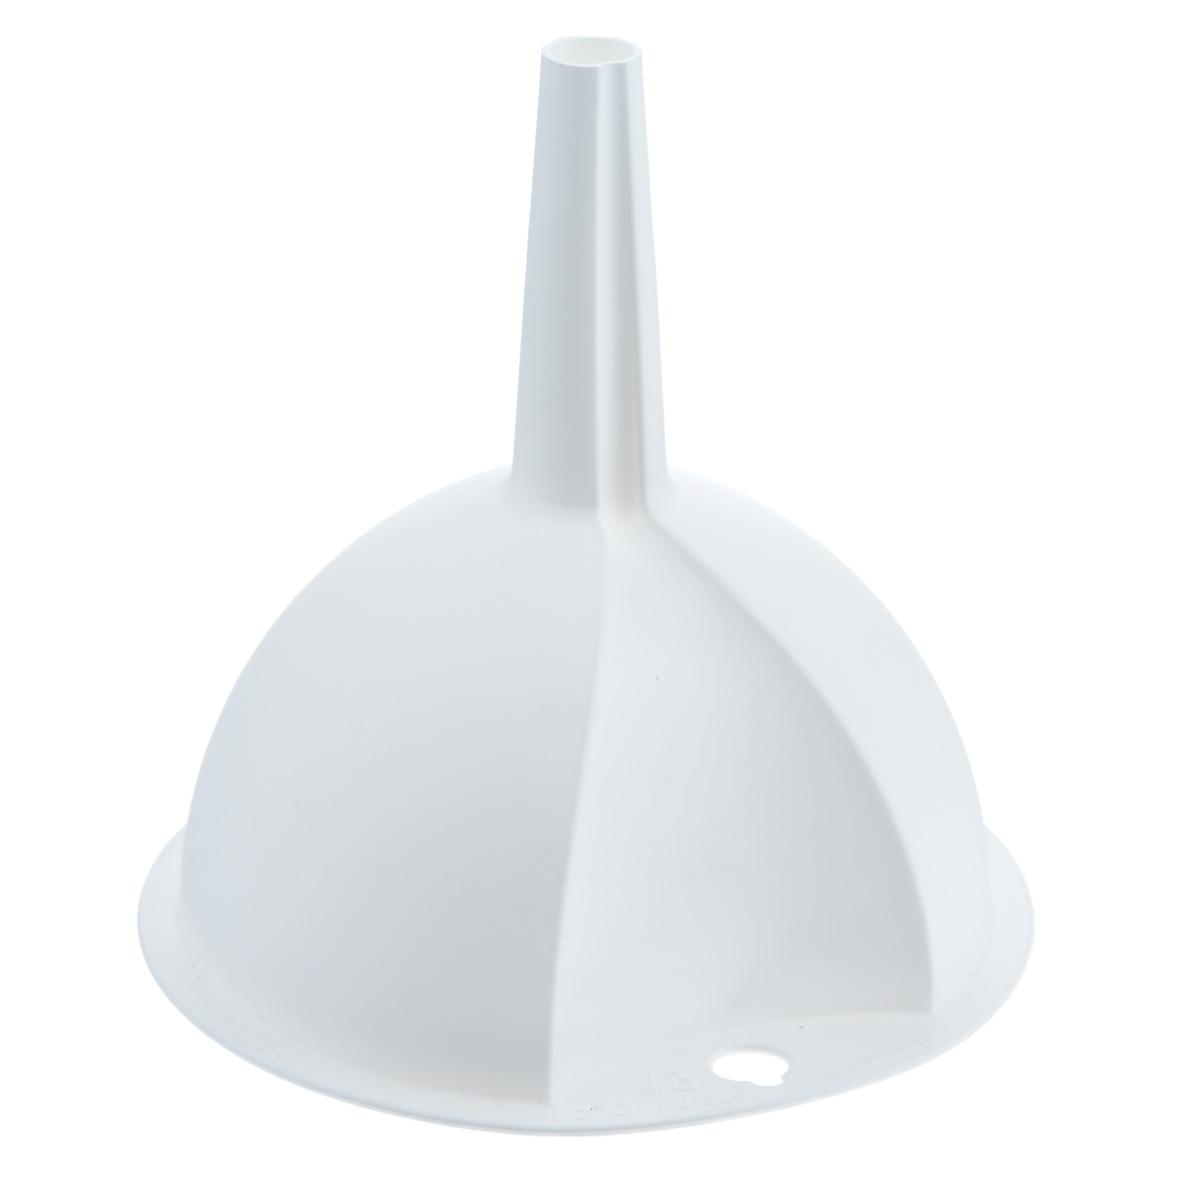 Воронка Metaltex, цвет: белый, диаметр 10 см18.40.10Воронка Metaltex, выполненная из пластика, станет незаменимым аксессуаром на вашей кухне. Воронка плотно прилегает к краям наполняемой емкости, и вы не прольете ни капли мимо.Она отлично послужит для переливания жидкостей в сосуд с узким горлышком. Диаметр воронки: 10 см.Высота ножки: 5 см.